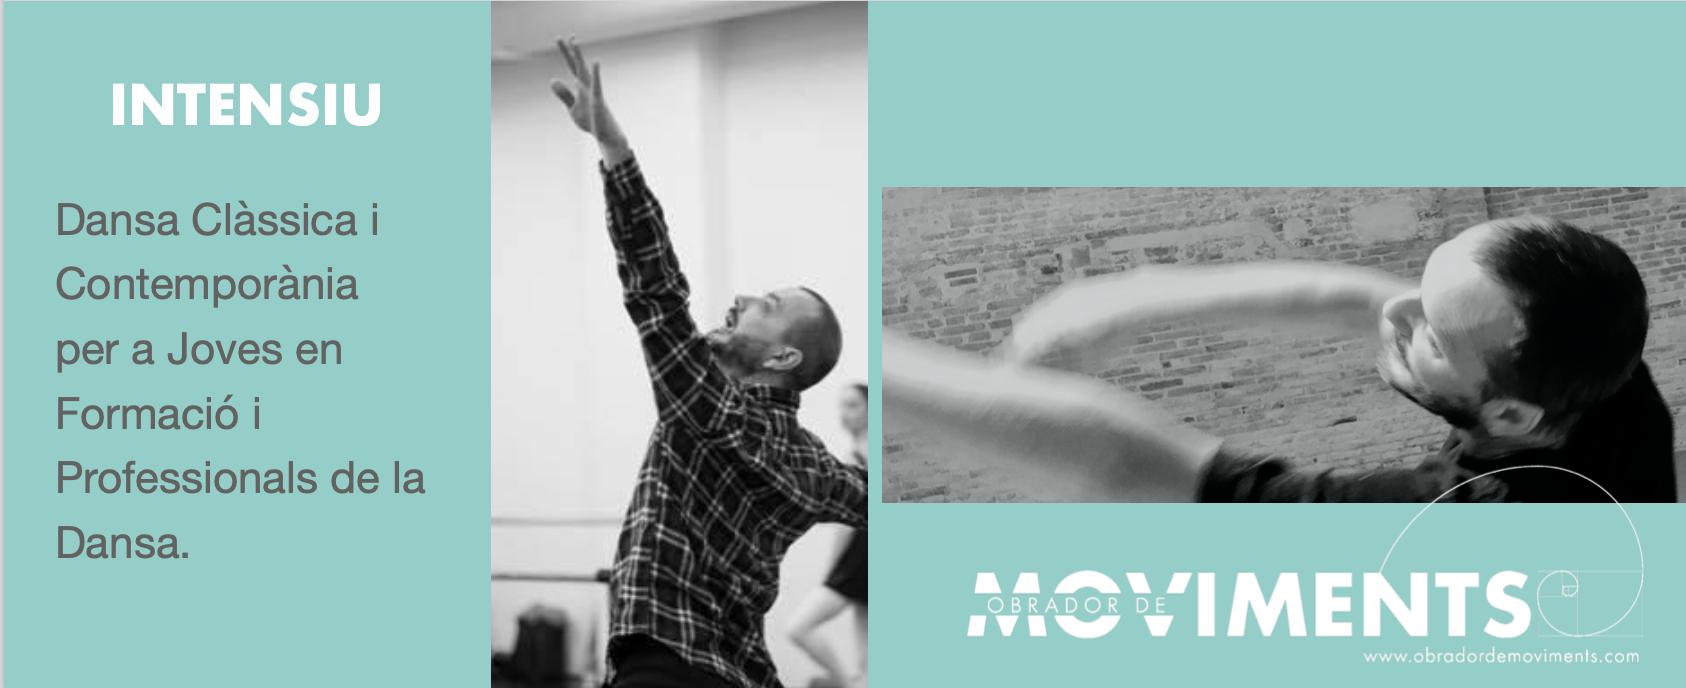 Intensiu dansa clàssica Barcelona | Obrador de Moviments